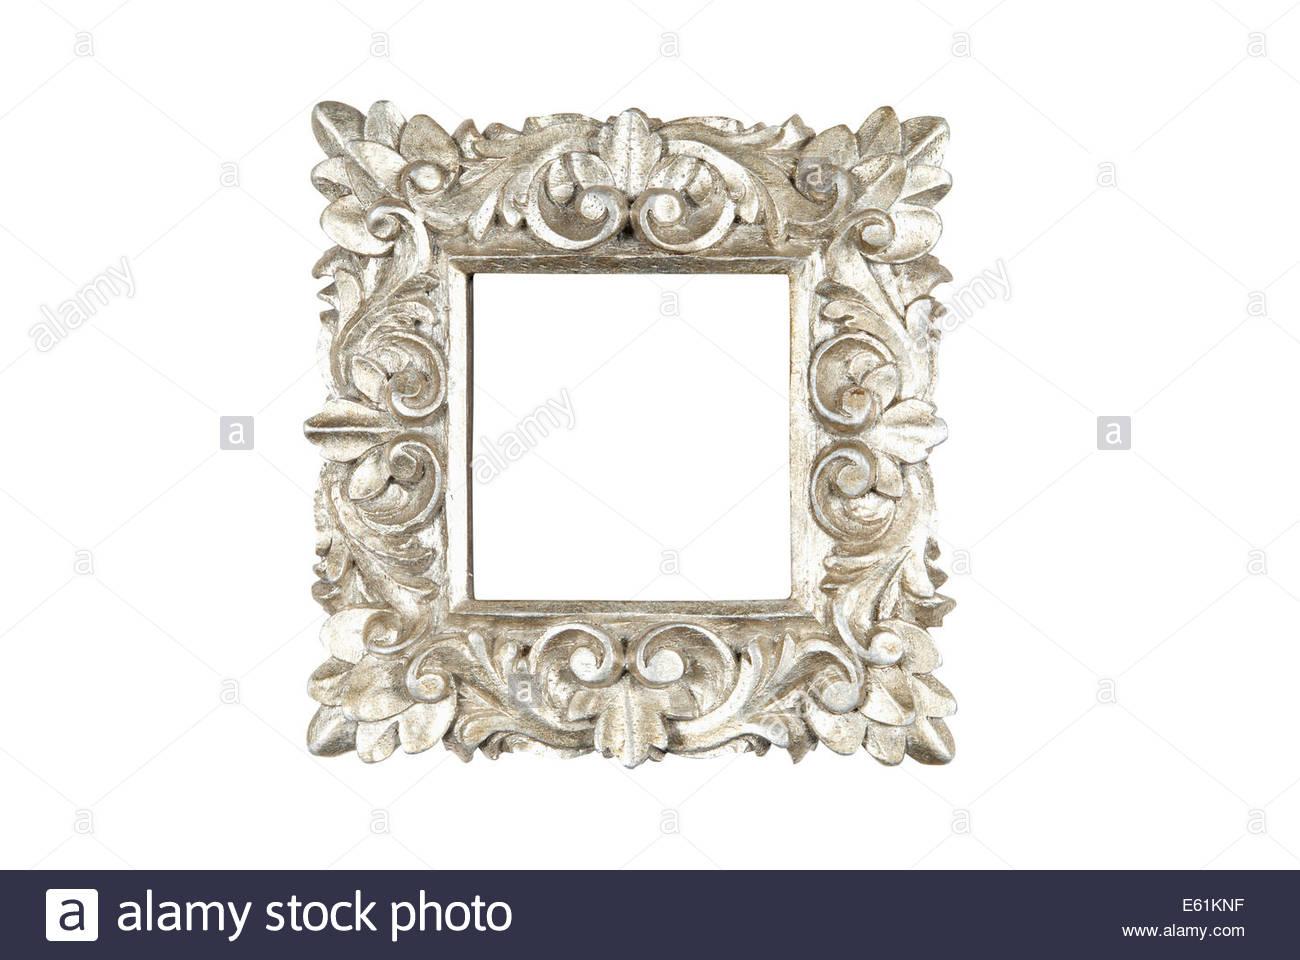 Eine reich verzierte floralen Design quadratischen Holzrahmen in Silber lackiert. Isoliert auf weiss mit Pfad. Stockbild